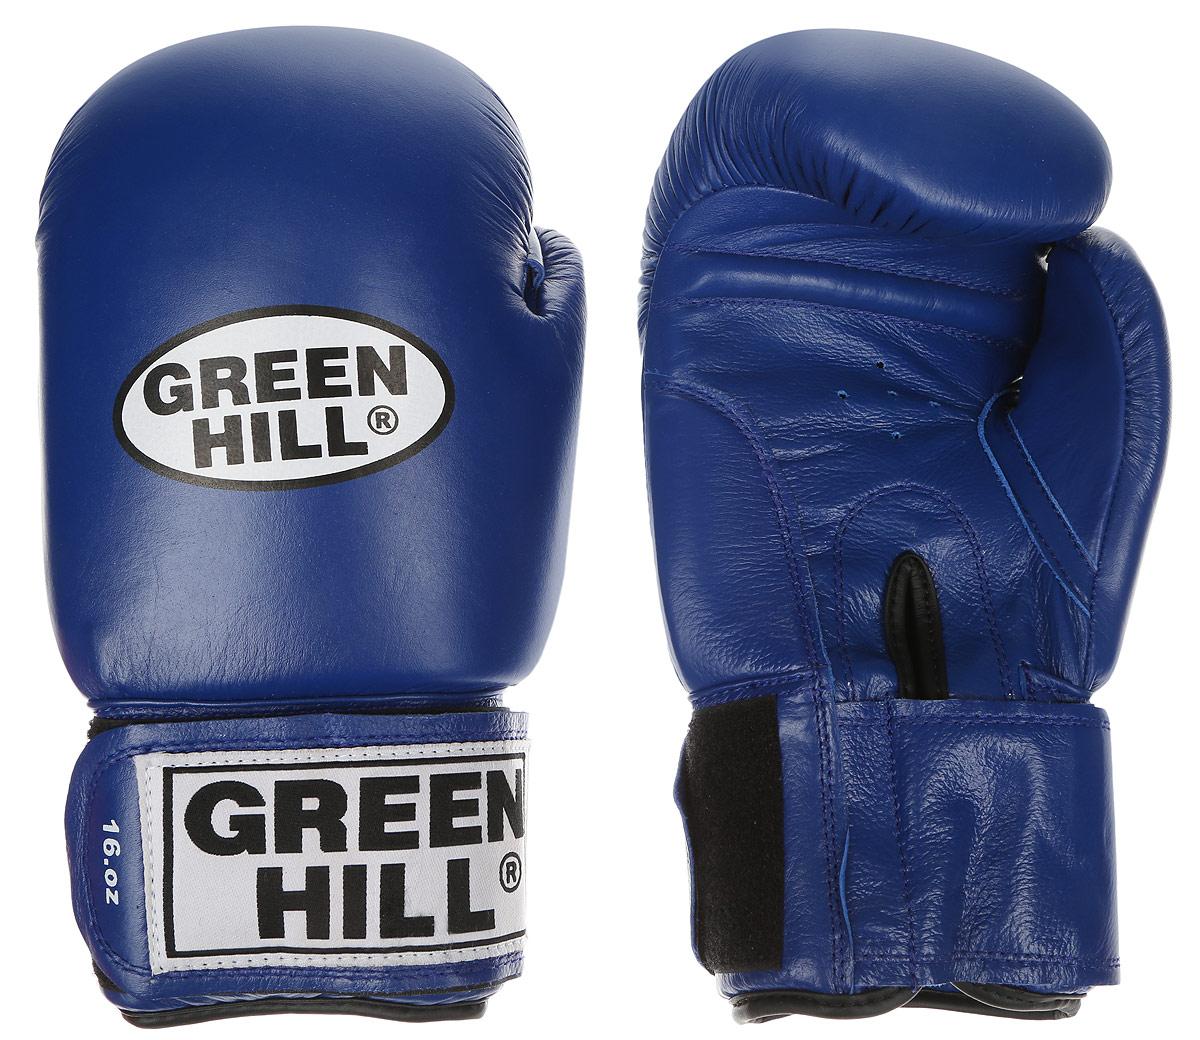 Перчатки боксерские Green Hill Tiger, цвет: синий, белый. Вес 16 унций. BGT-2010сBGT-2010сБоевые боксерские перчатки Green Hill Tiger применяются как для соревнований, так и для тренировок. Верх выполнен из натуральной кожи, вкладыш - предварительно сформированный пенополиуретан. Манжет на липучке способствует быстрому и удобному надеванию перчаток, плотно фиксирует перчатки на руке. Отверстия в области ладони позволяют создать максимально комфортный терморежим во время занятий. В перчатках применяется технология антинокаут.